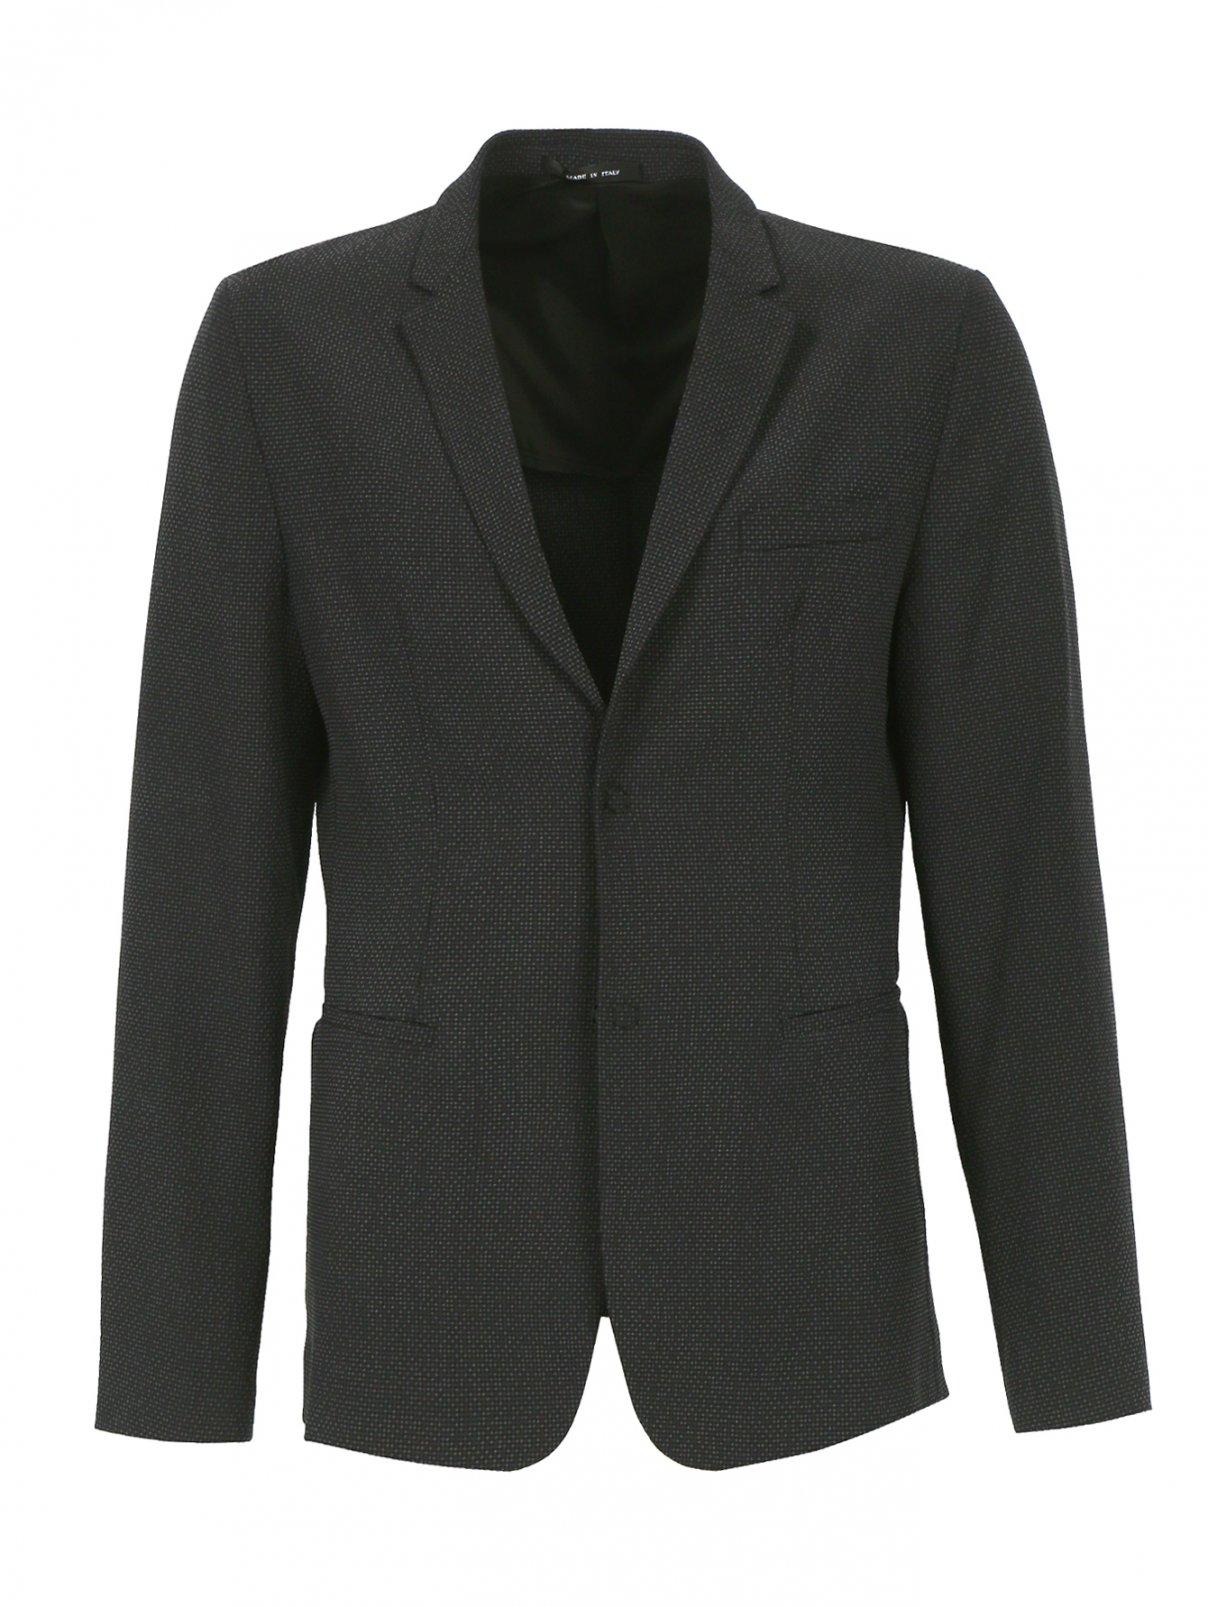 Однобортный пиджак из шерсти и шелка Emporio Armani  –  Общий вид